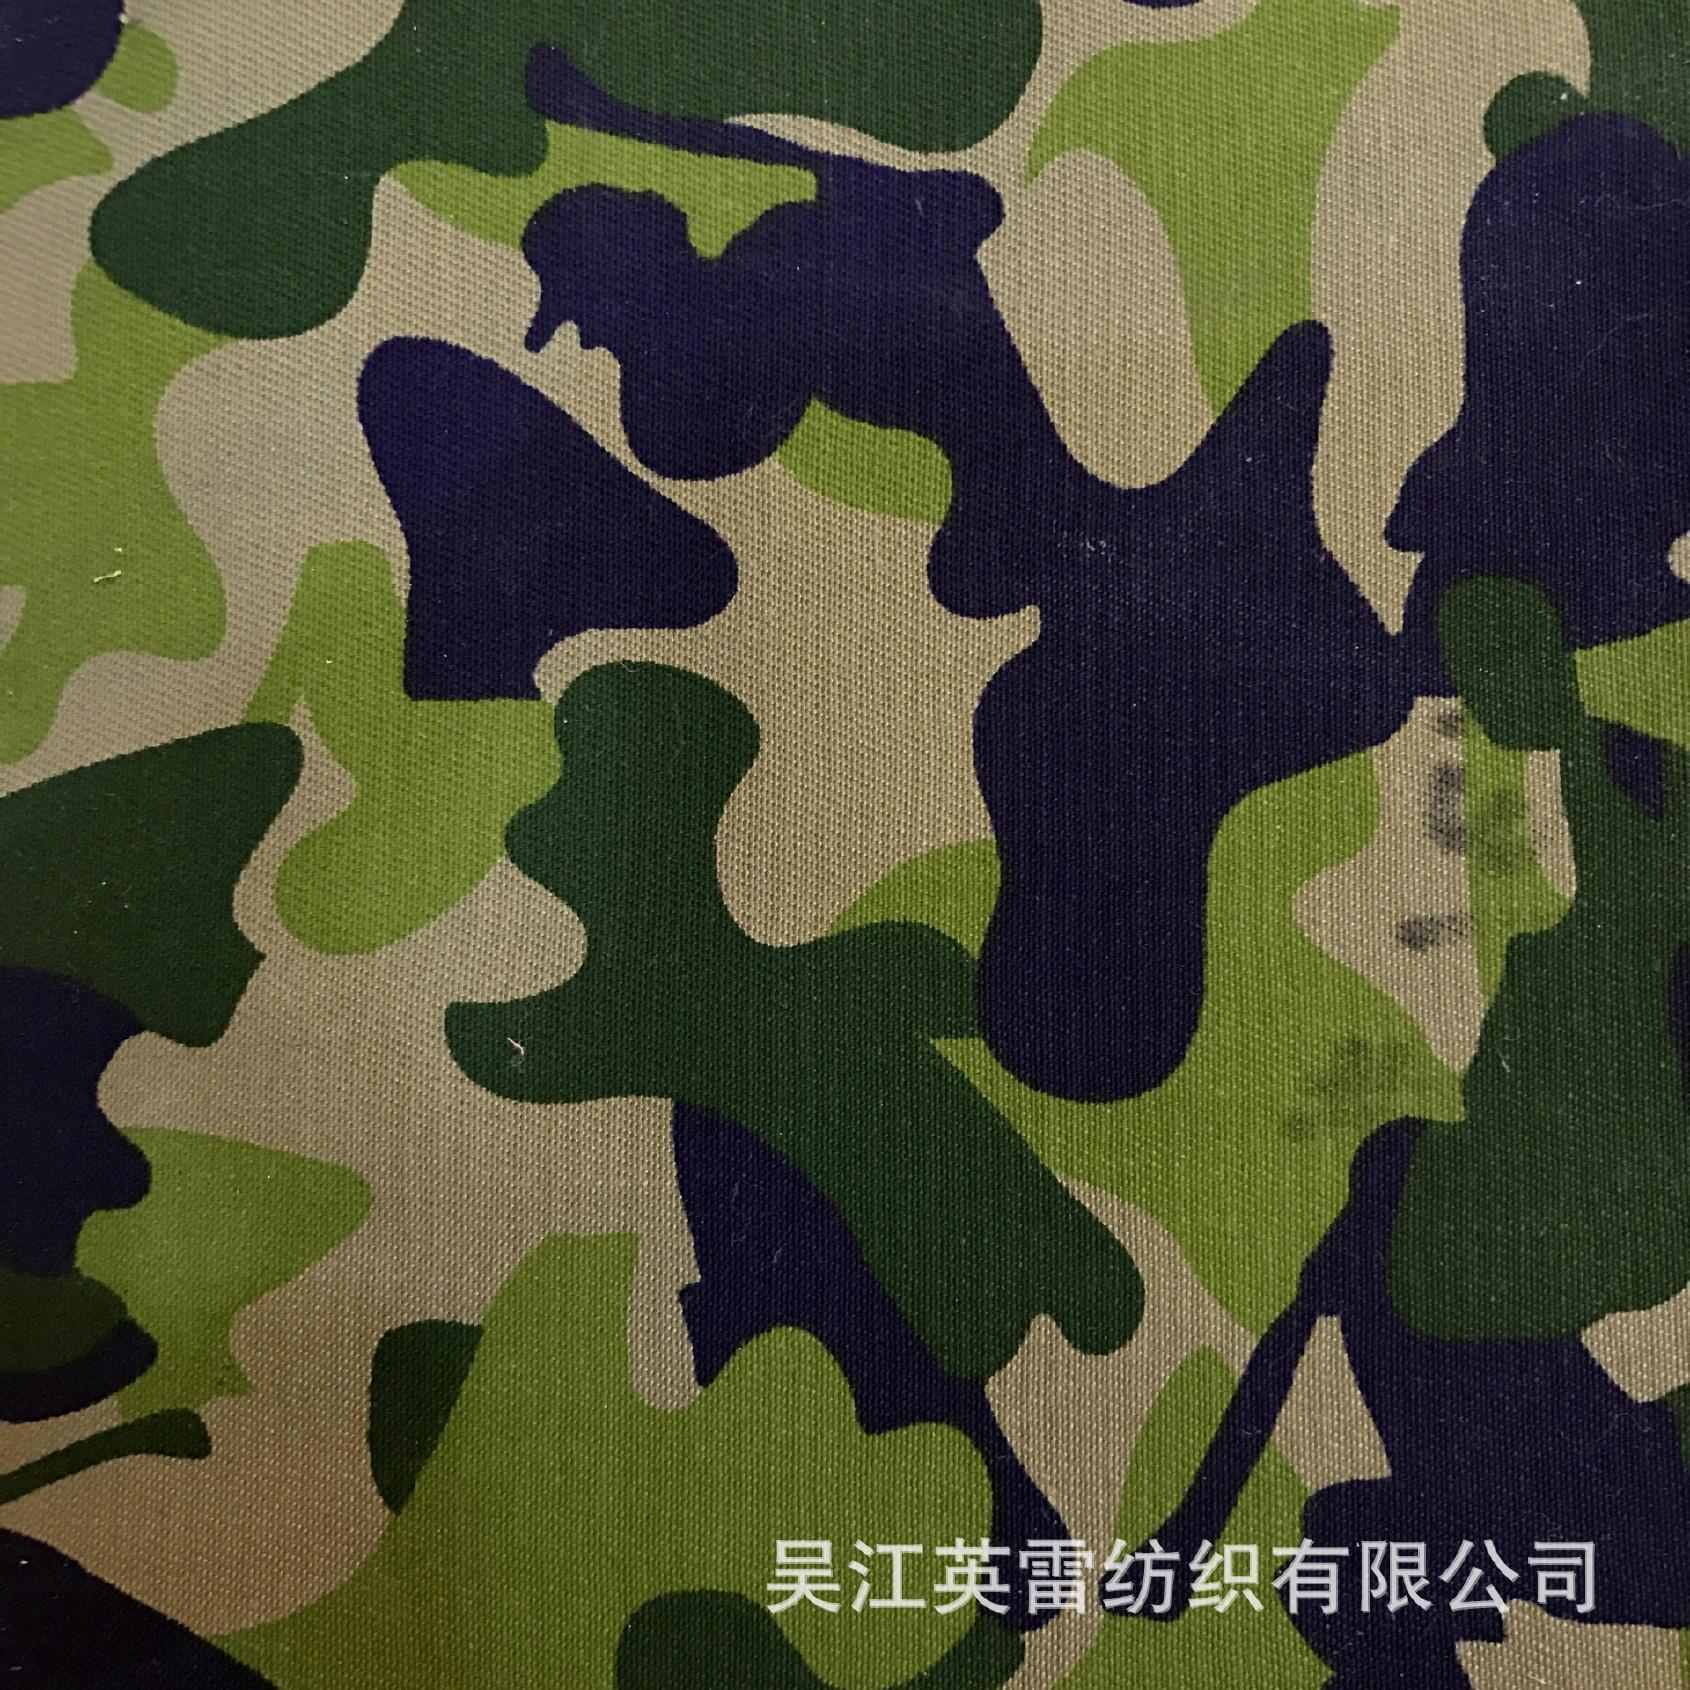 涤棉军工迷彩印花工装面料 迷彩印花军训服装面料图片